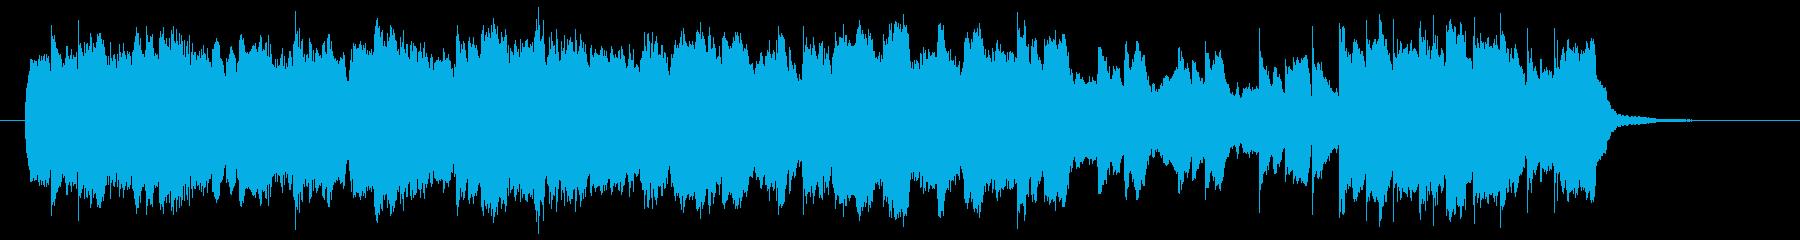 メリーゴーランドを連想させるワルツの再生済みの波形